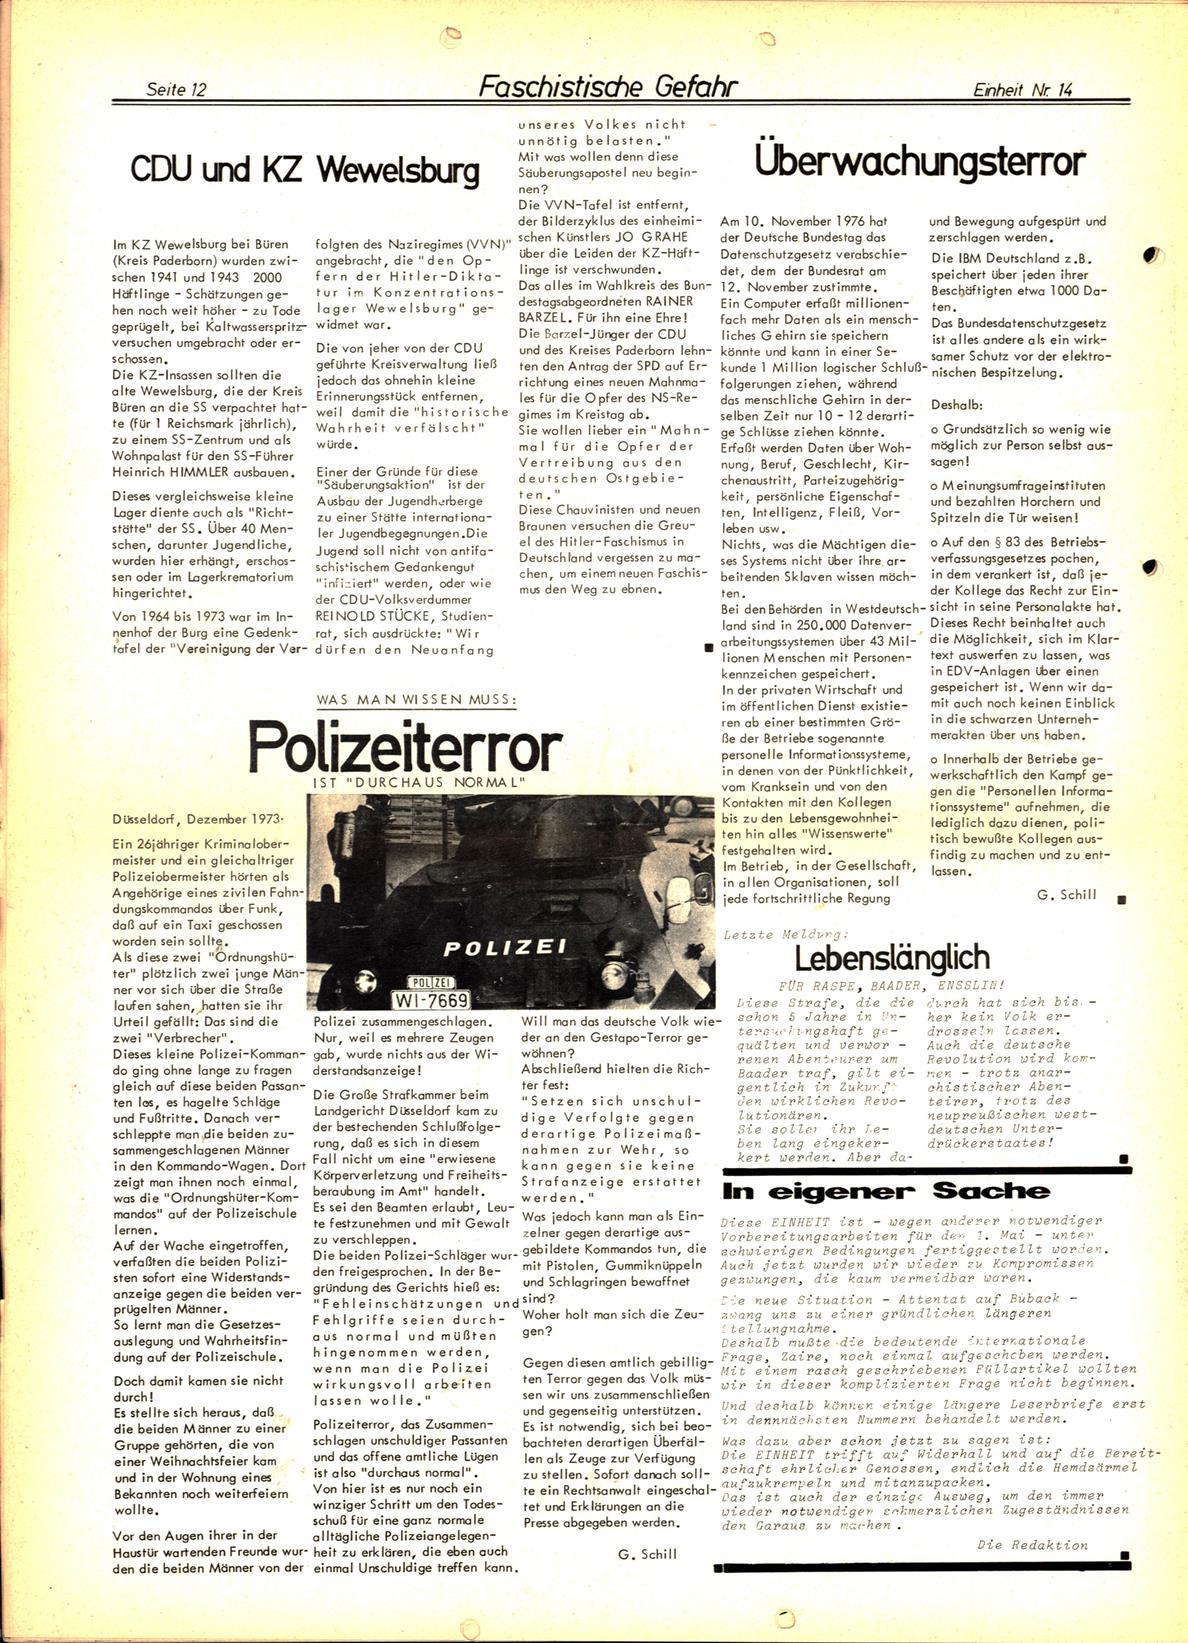 Koeln_IPdA_Einheit_1977_014_012